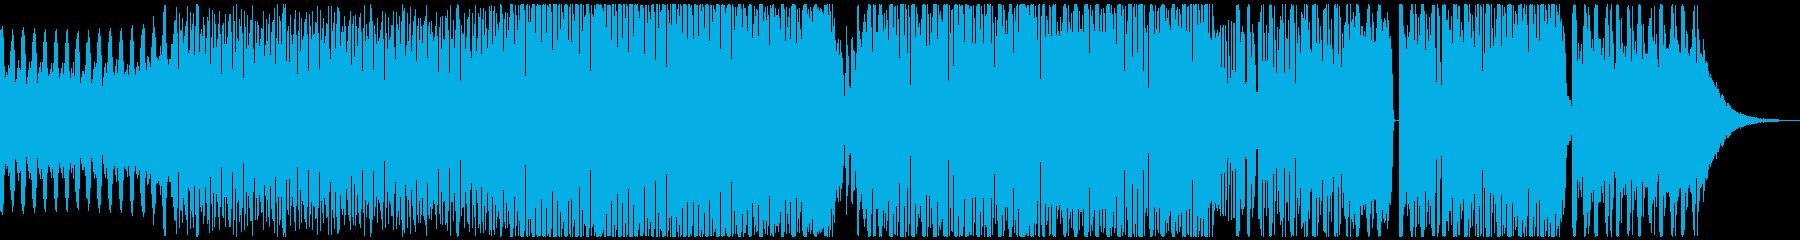 激しく軽快な乱れ打ちエレクトロハウス!!の再生済みの波形